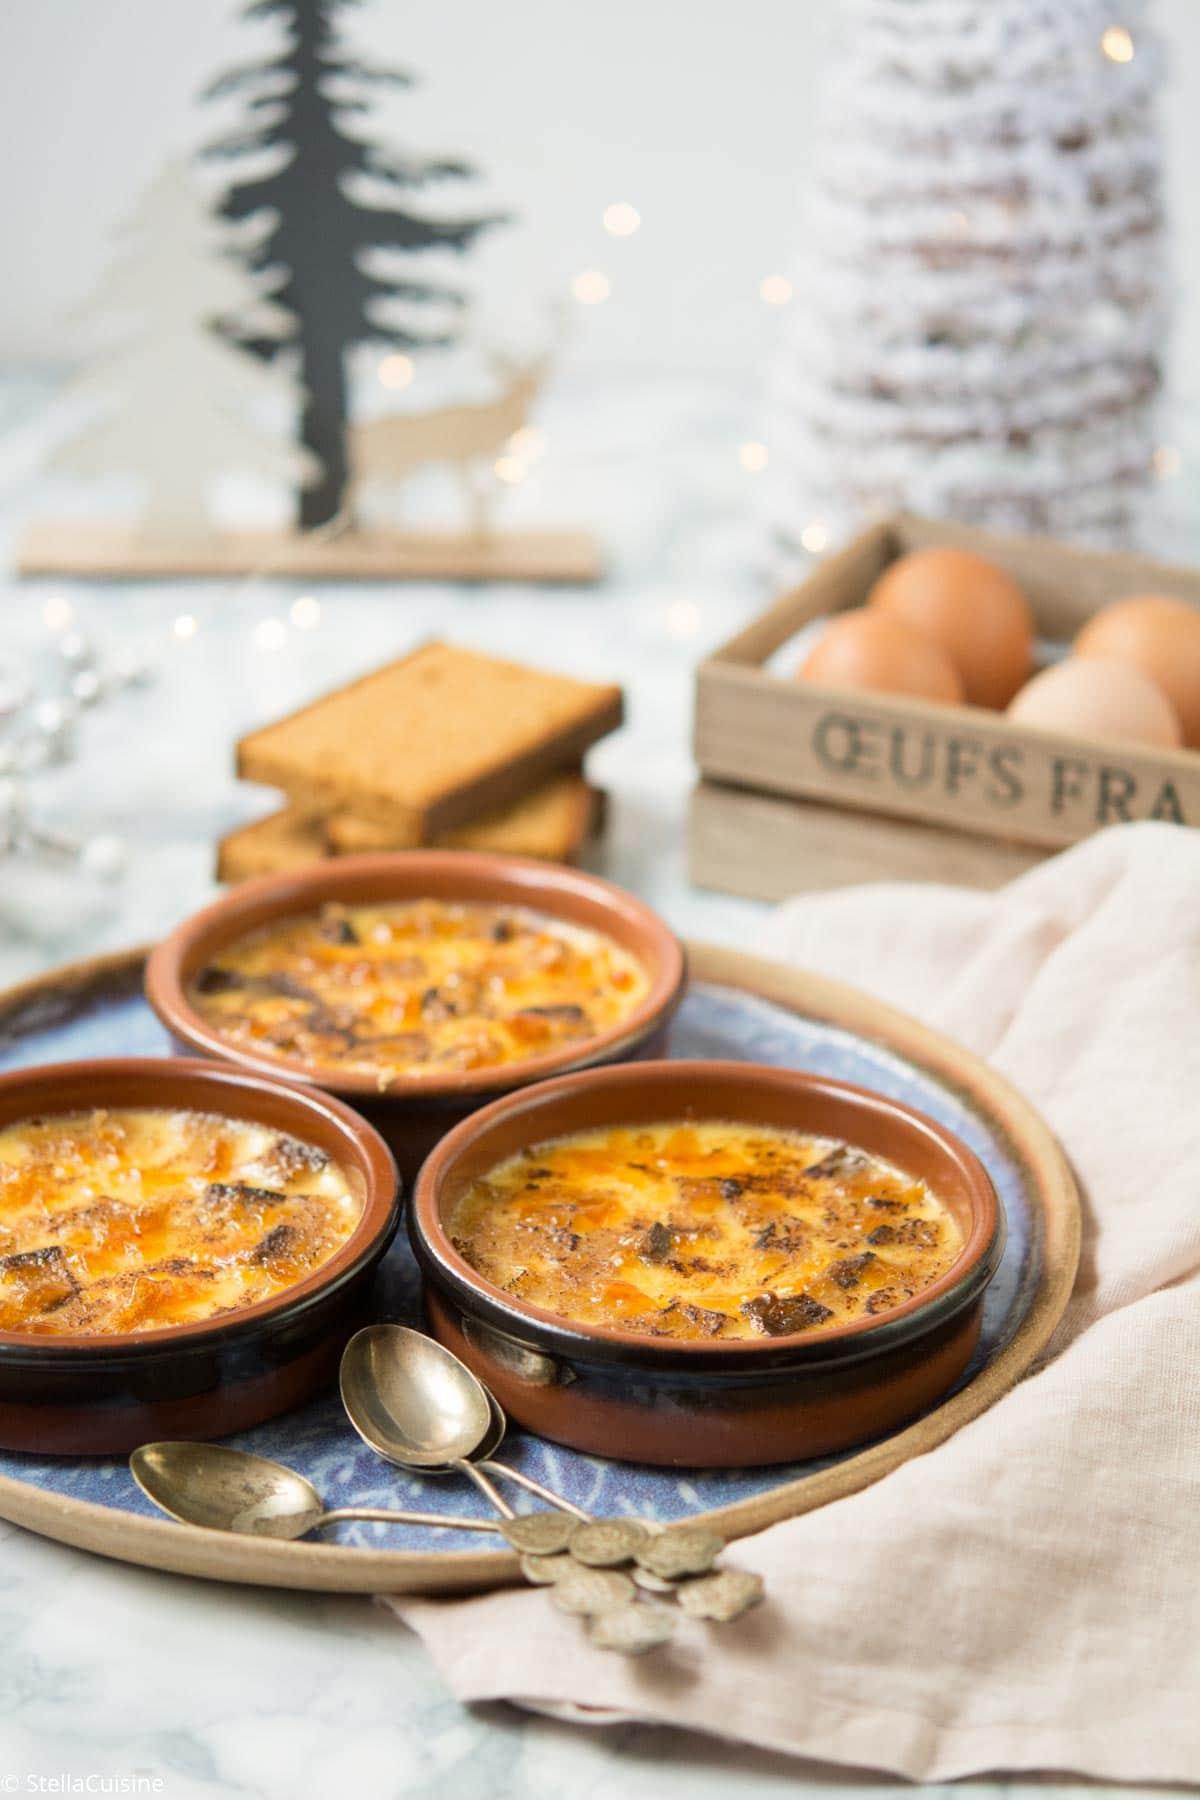 Recette de Noël végétarien : crèmes brûlées au pain d'épices. Une recette facile pour un dessert de Noël qui change des bûches !